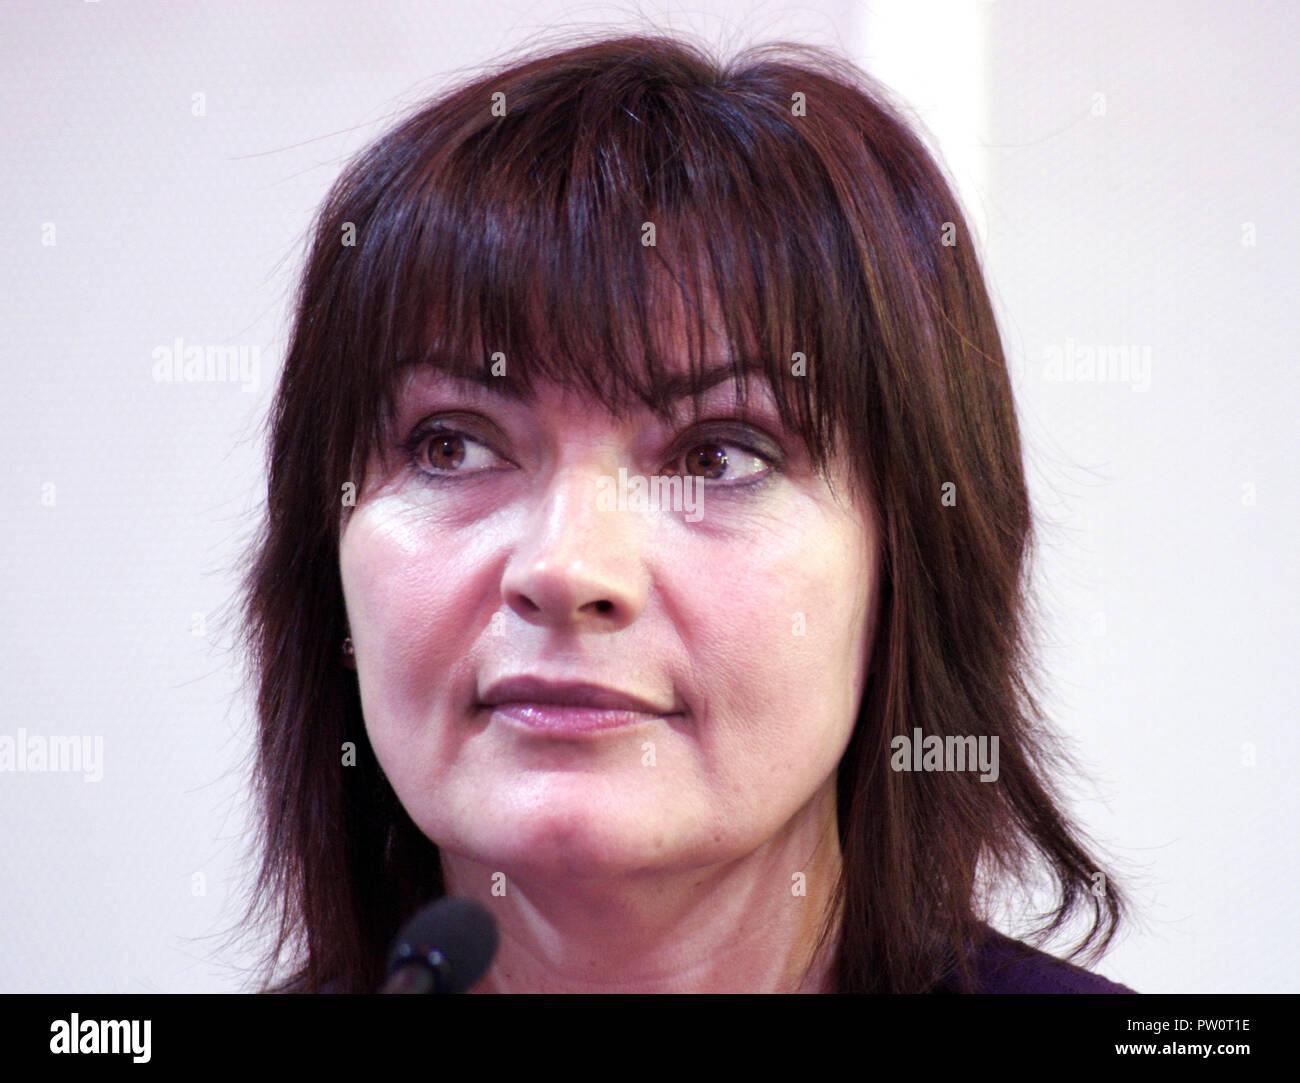 Lorraine Kelly ist eine berühmte schottische Fernsehmoderatorin, Sender und Persönlichkeit. Stockbild